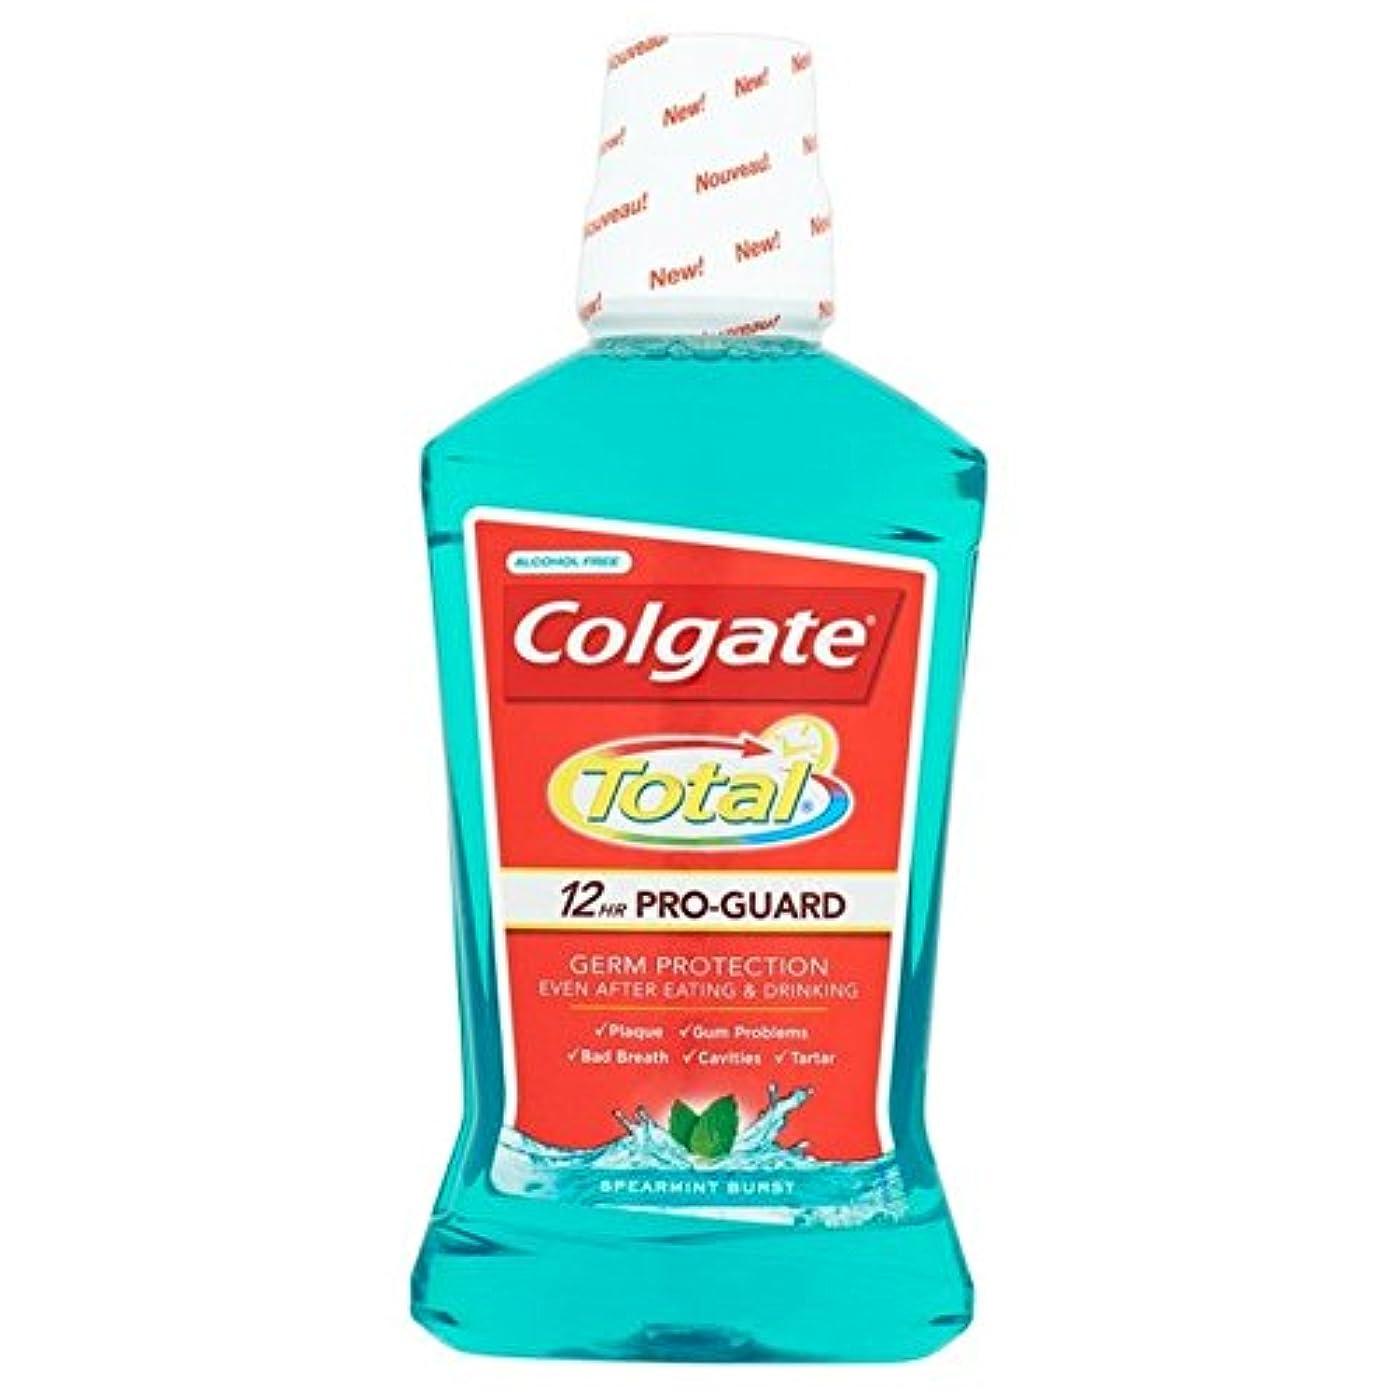 縫うサミット芝生Colgate Total Advanced Green Mouthwash 500ml 500ml (Pack of 6) - コルゲートトータル先進的な緑色のマウスウォッシュ500ミリリットル500ミリリットル x6 [並行輸入品]